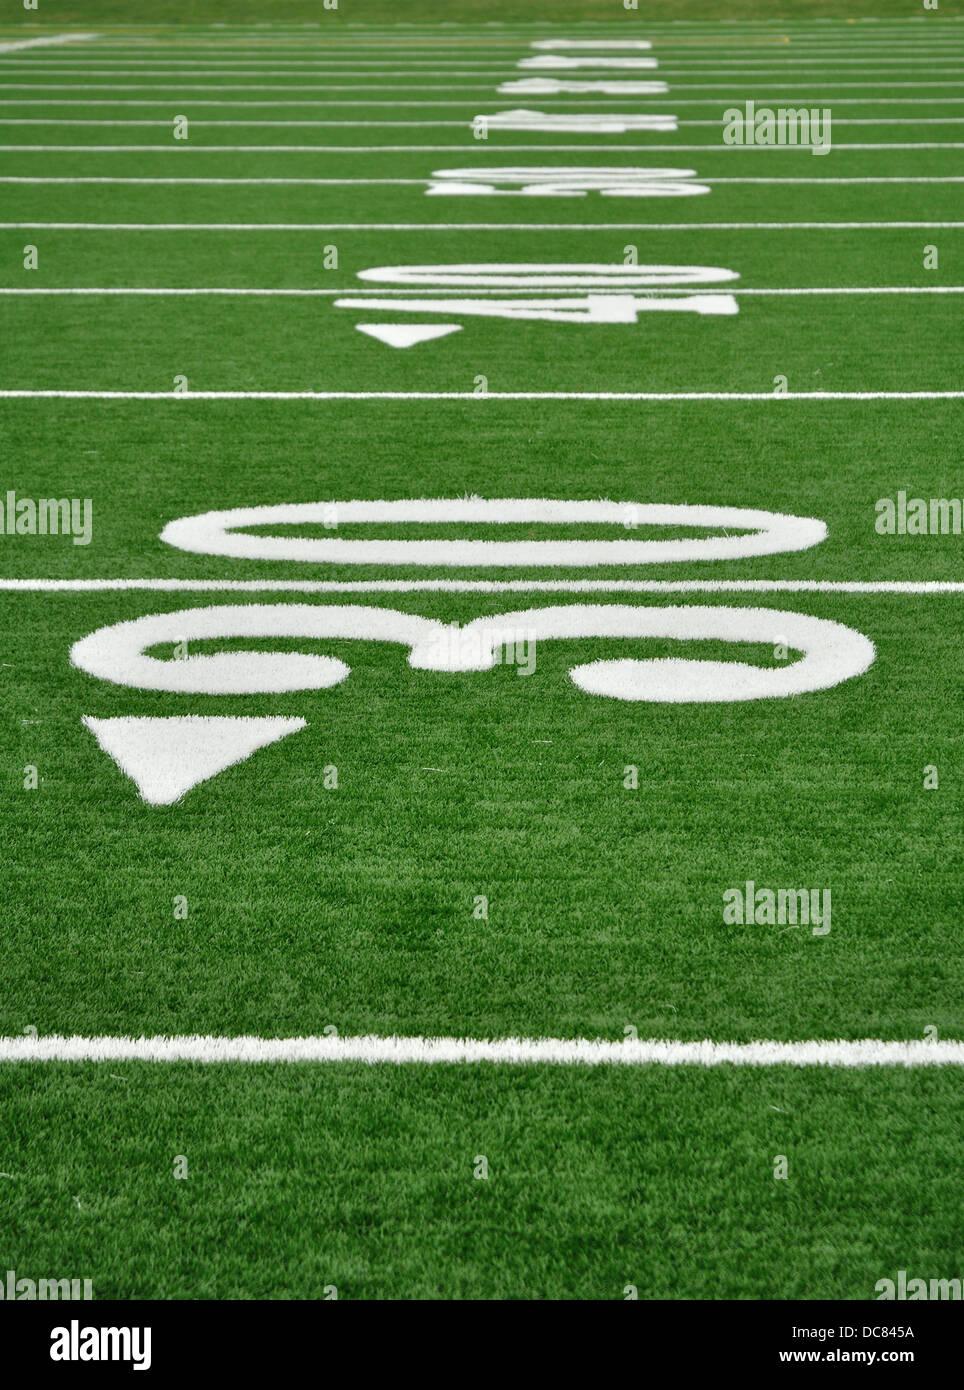 Yardline on American Football field - Stock Image